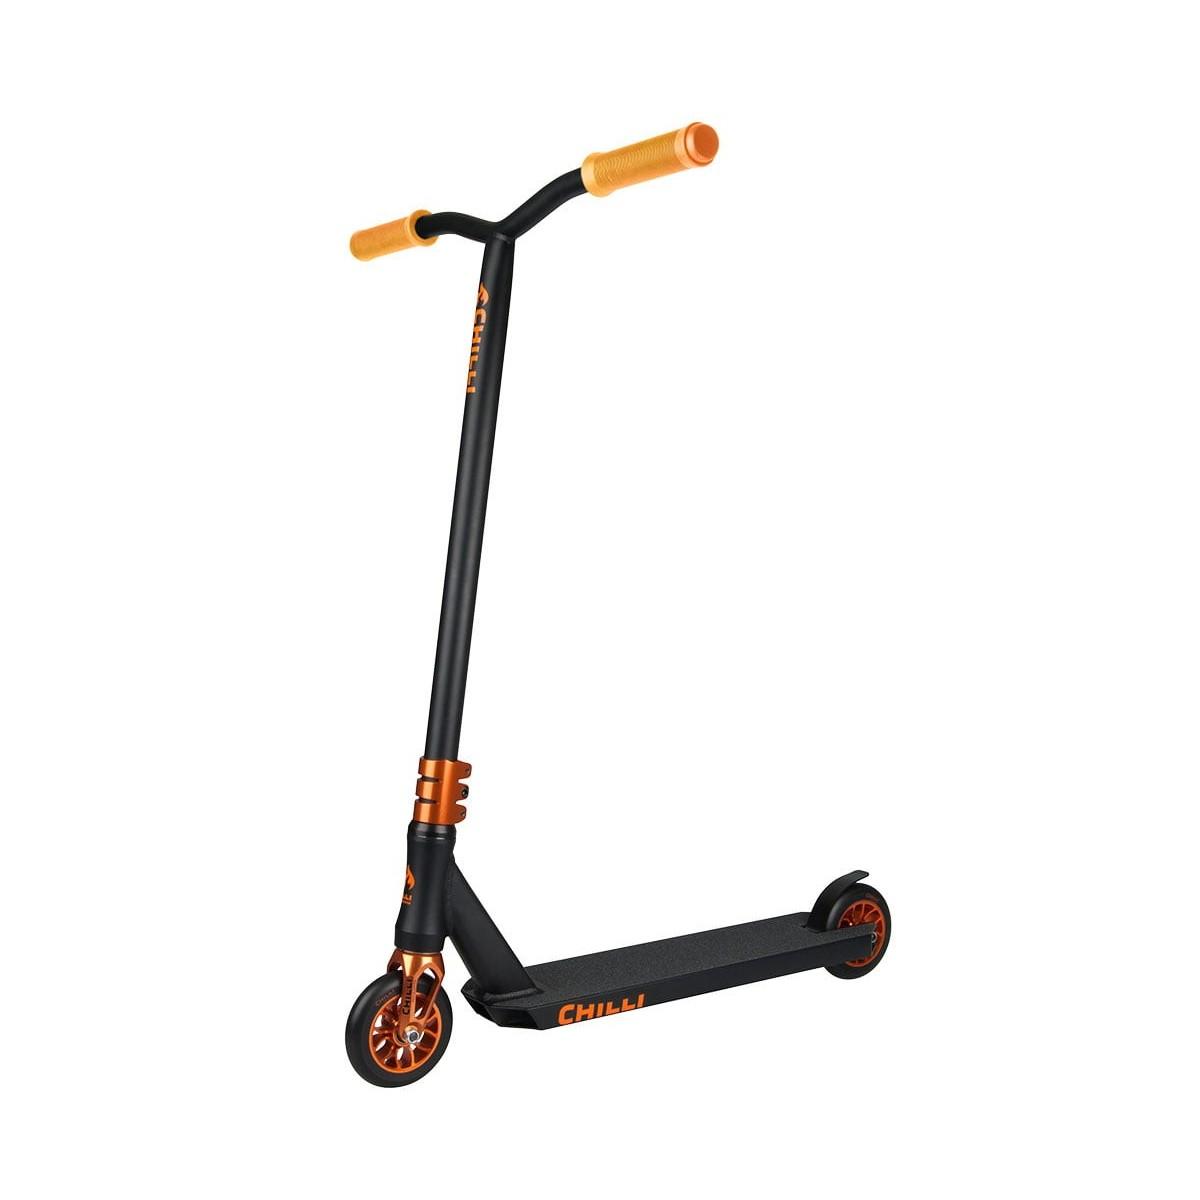 CHILLI scooter REAPER SUN orange/black